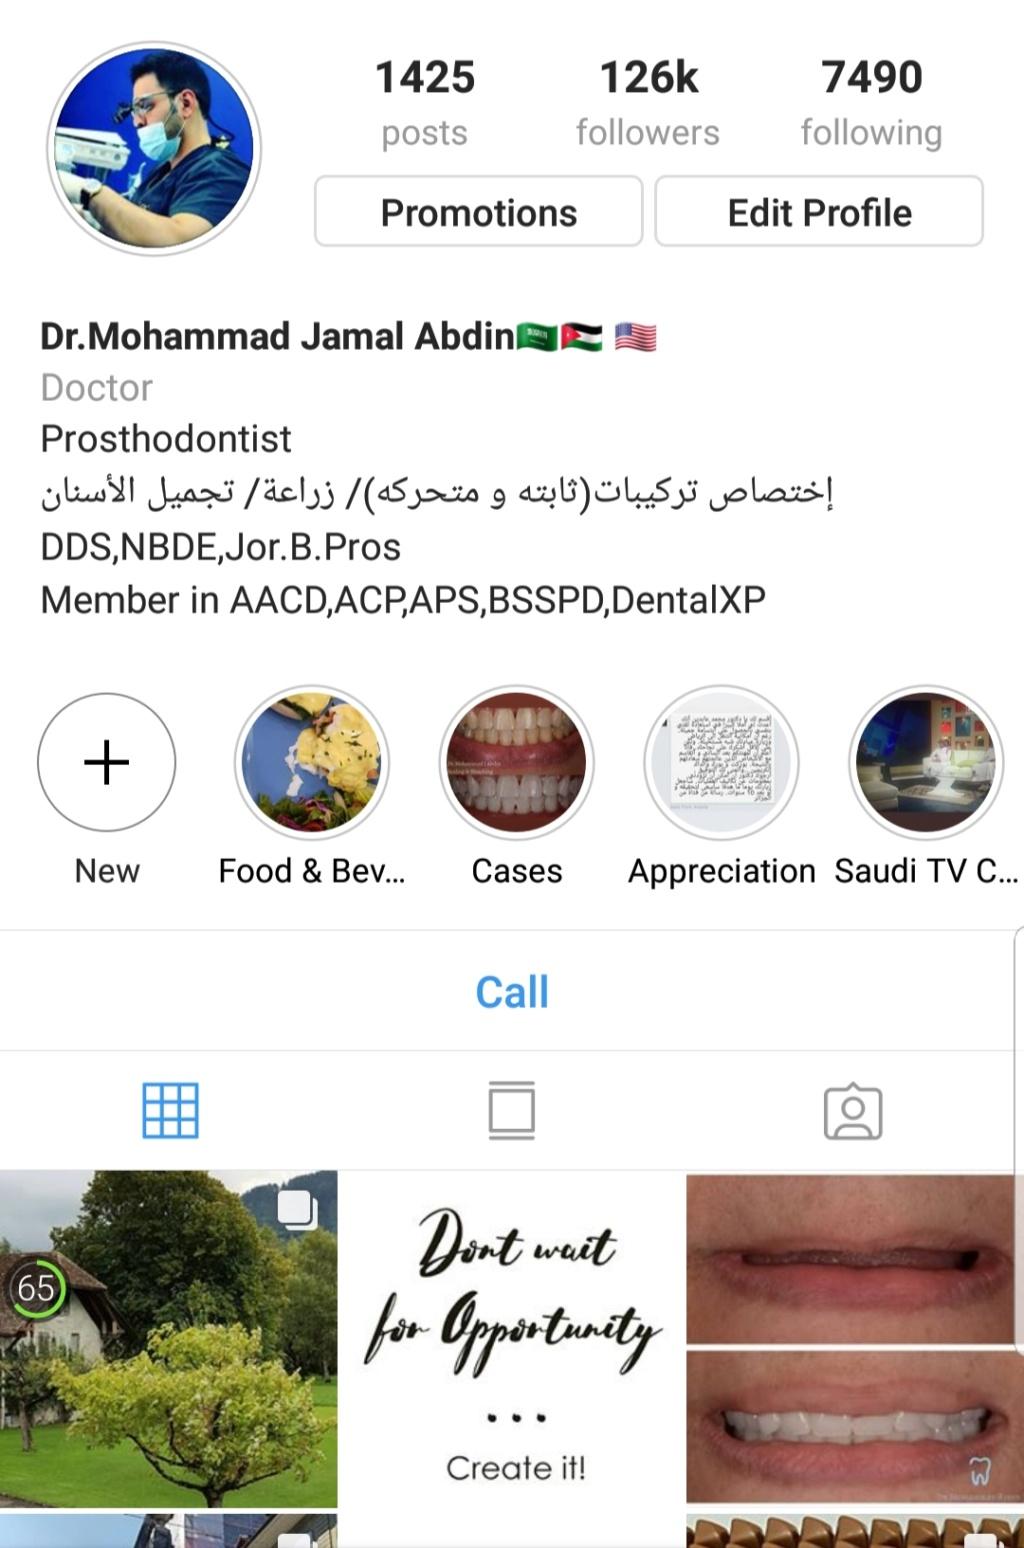 عيادات سافي لطب وتجميل وزراعة الأسنان